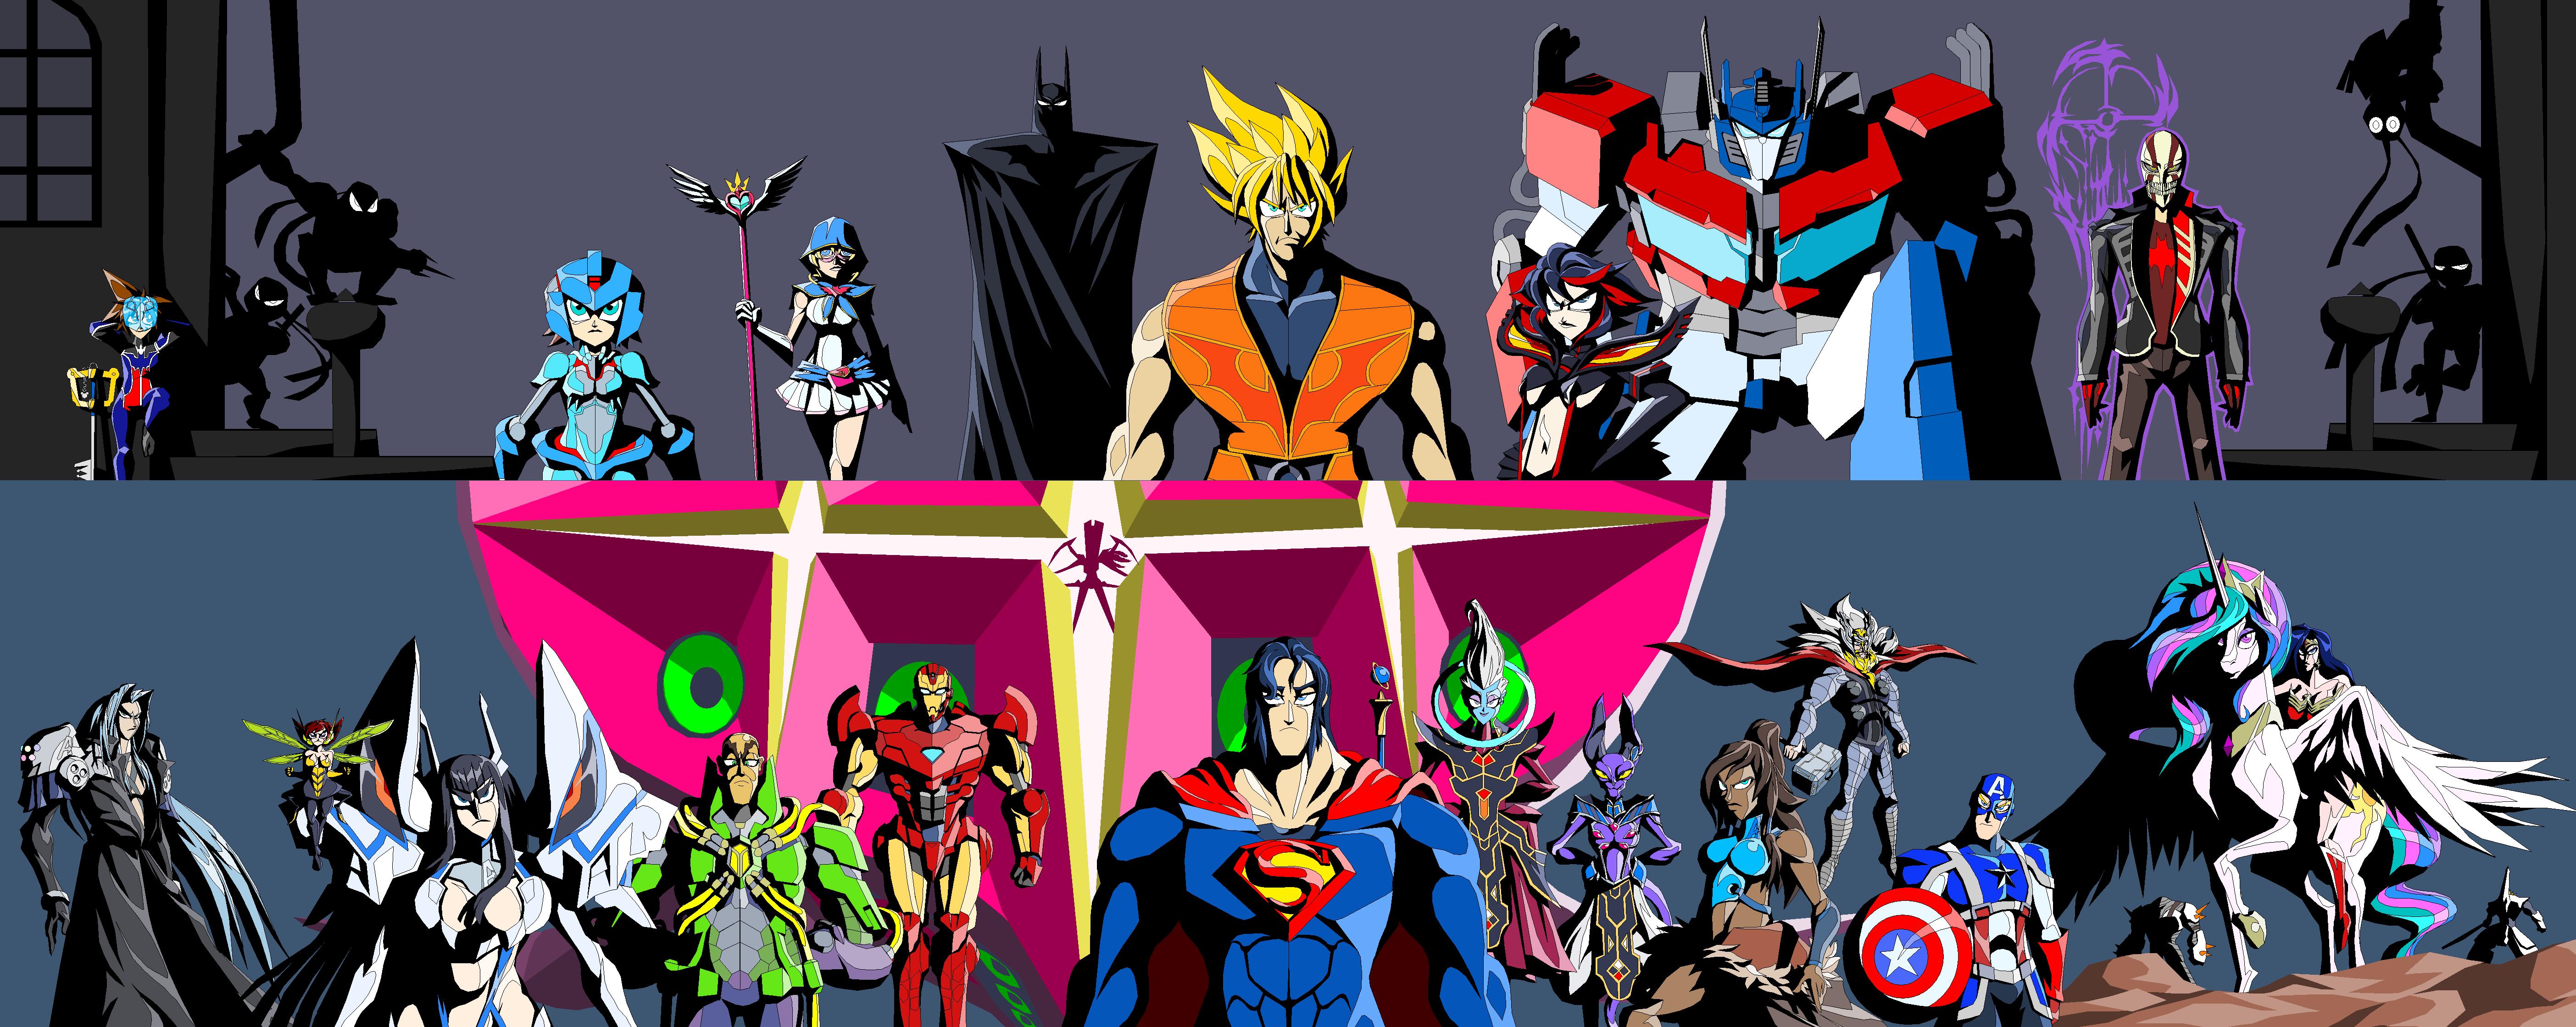 dbz and justice league fanfiction